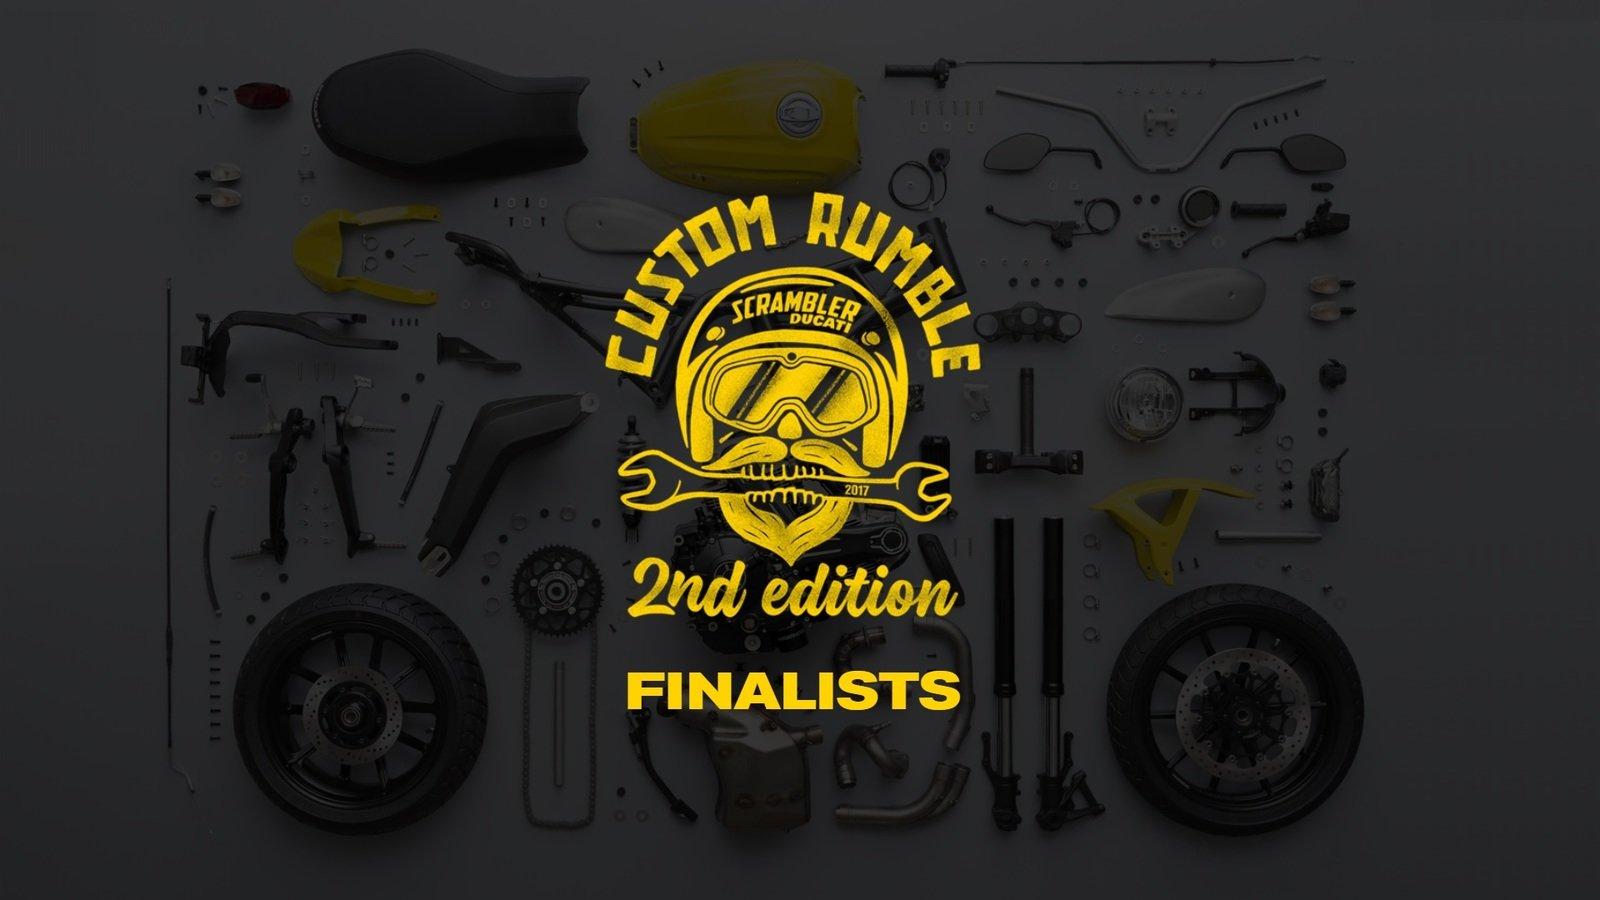 """Ducati Scrambler """"Custom Rumble"""" finalists announced!"""